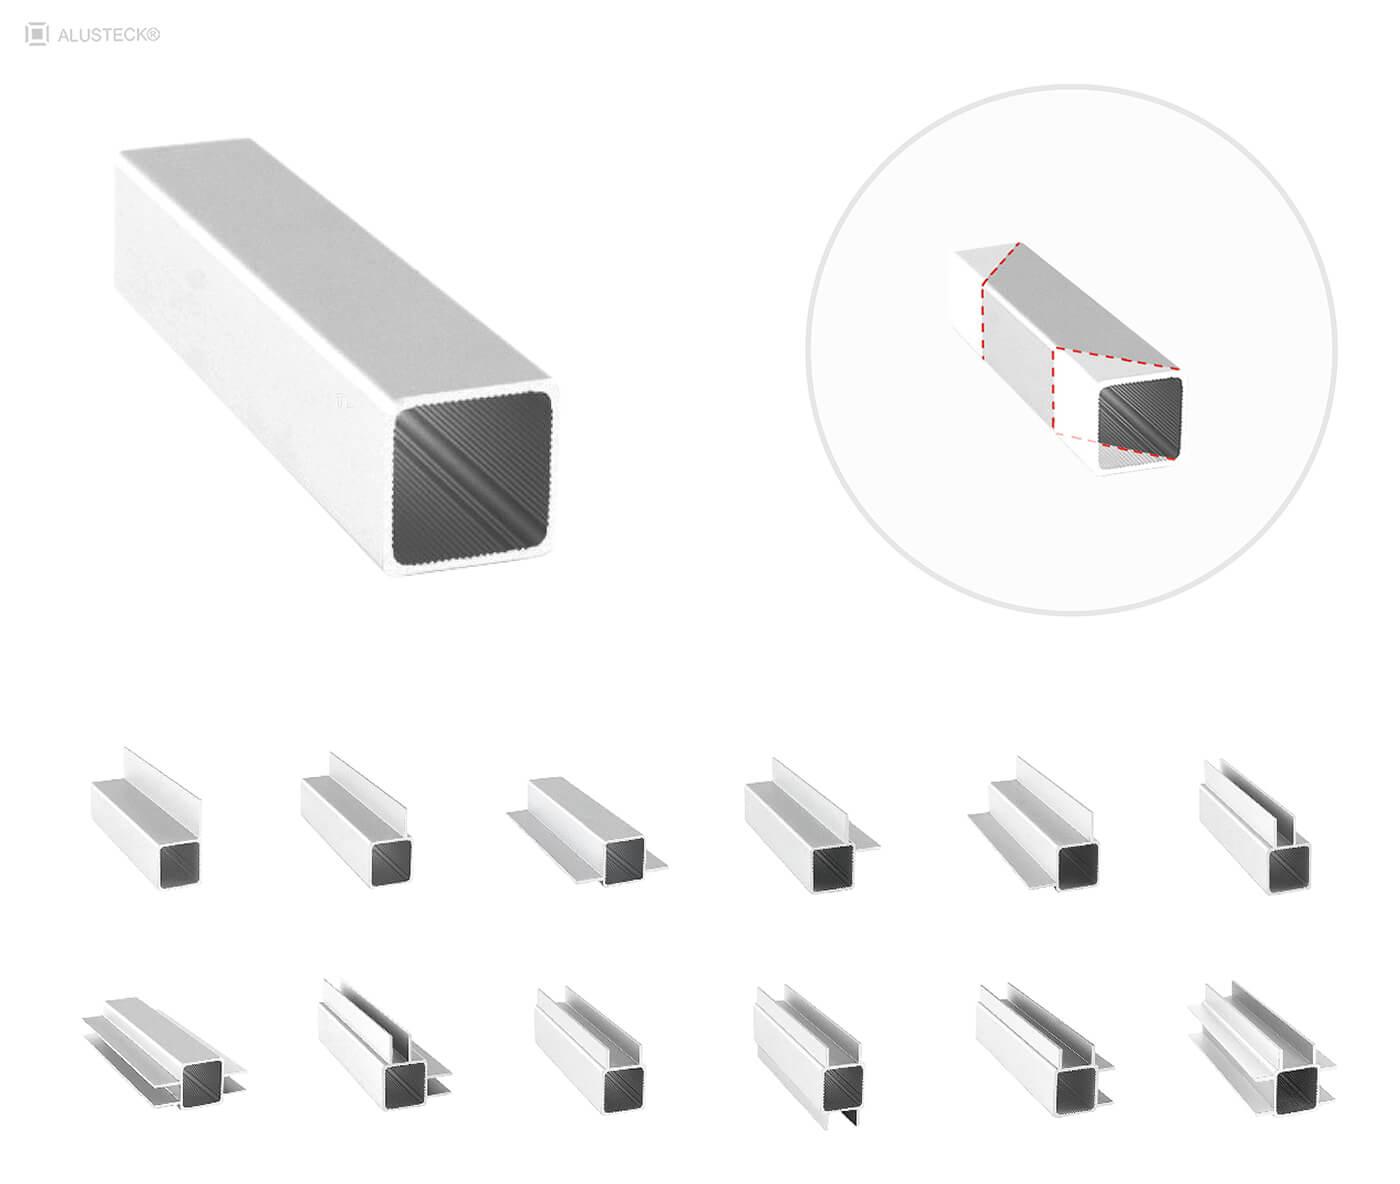 Alu Vierkantrohre Messebau Konstruktionssystem im Zuschnitt